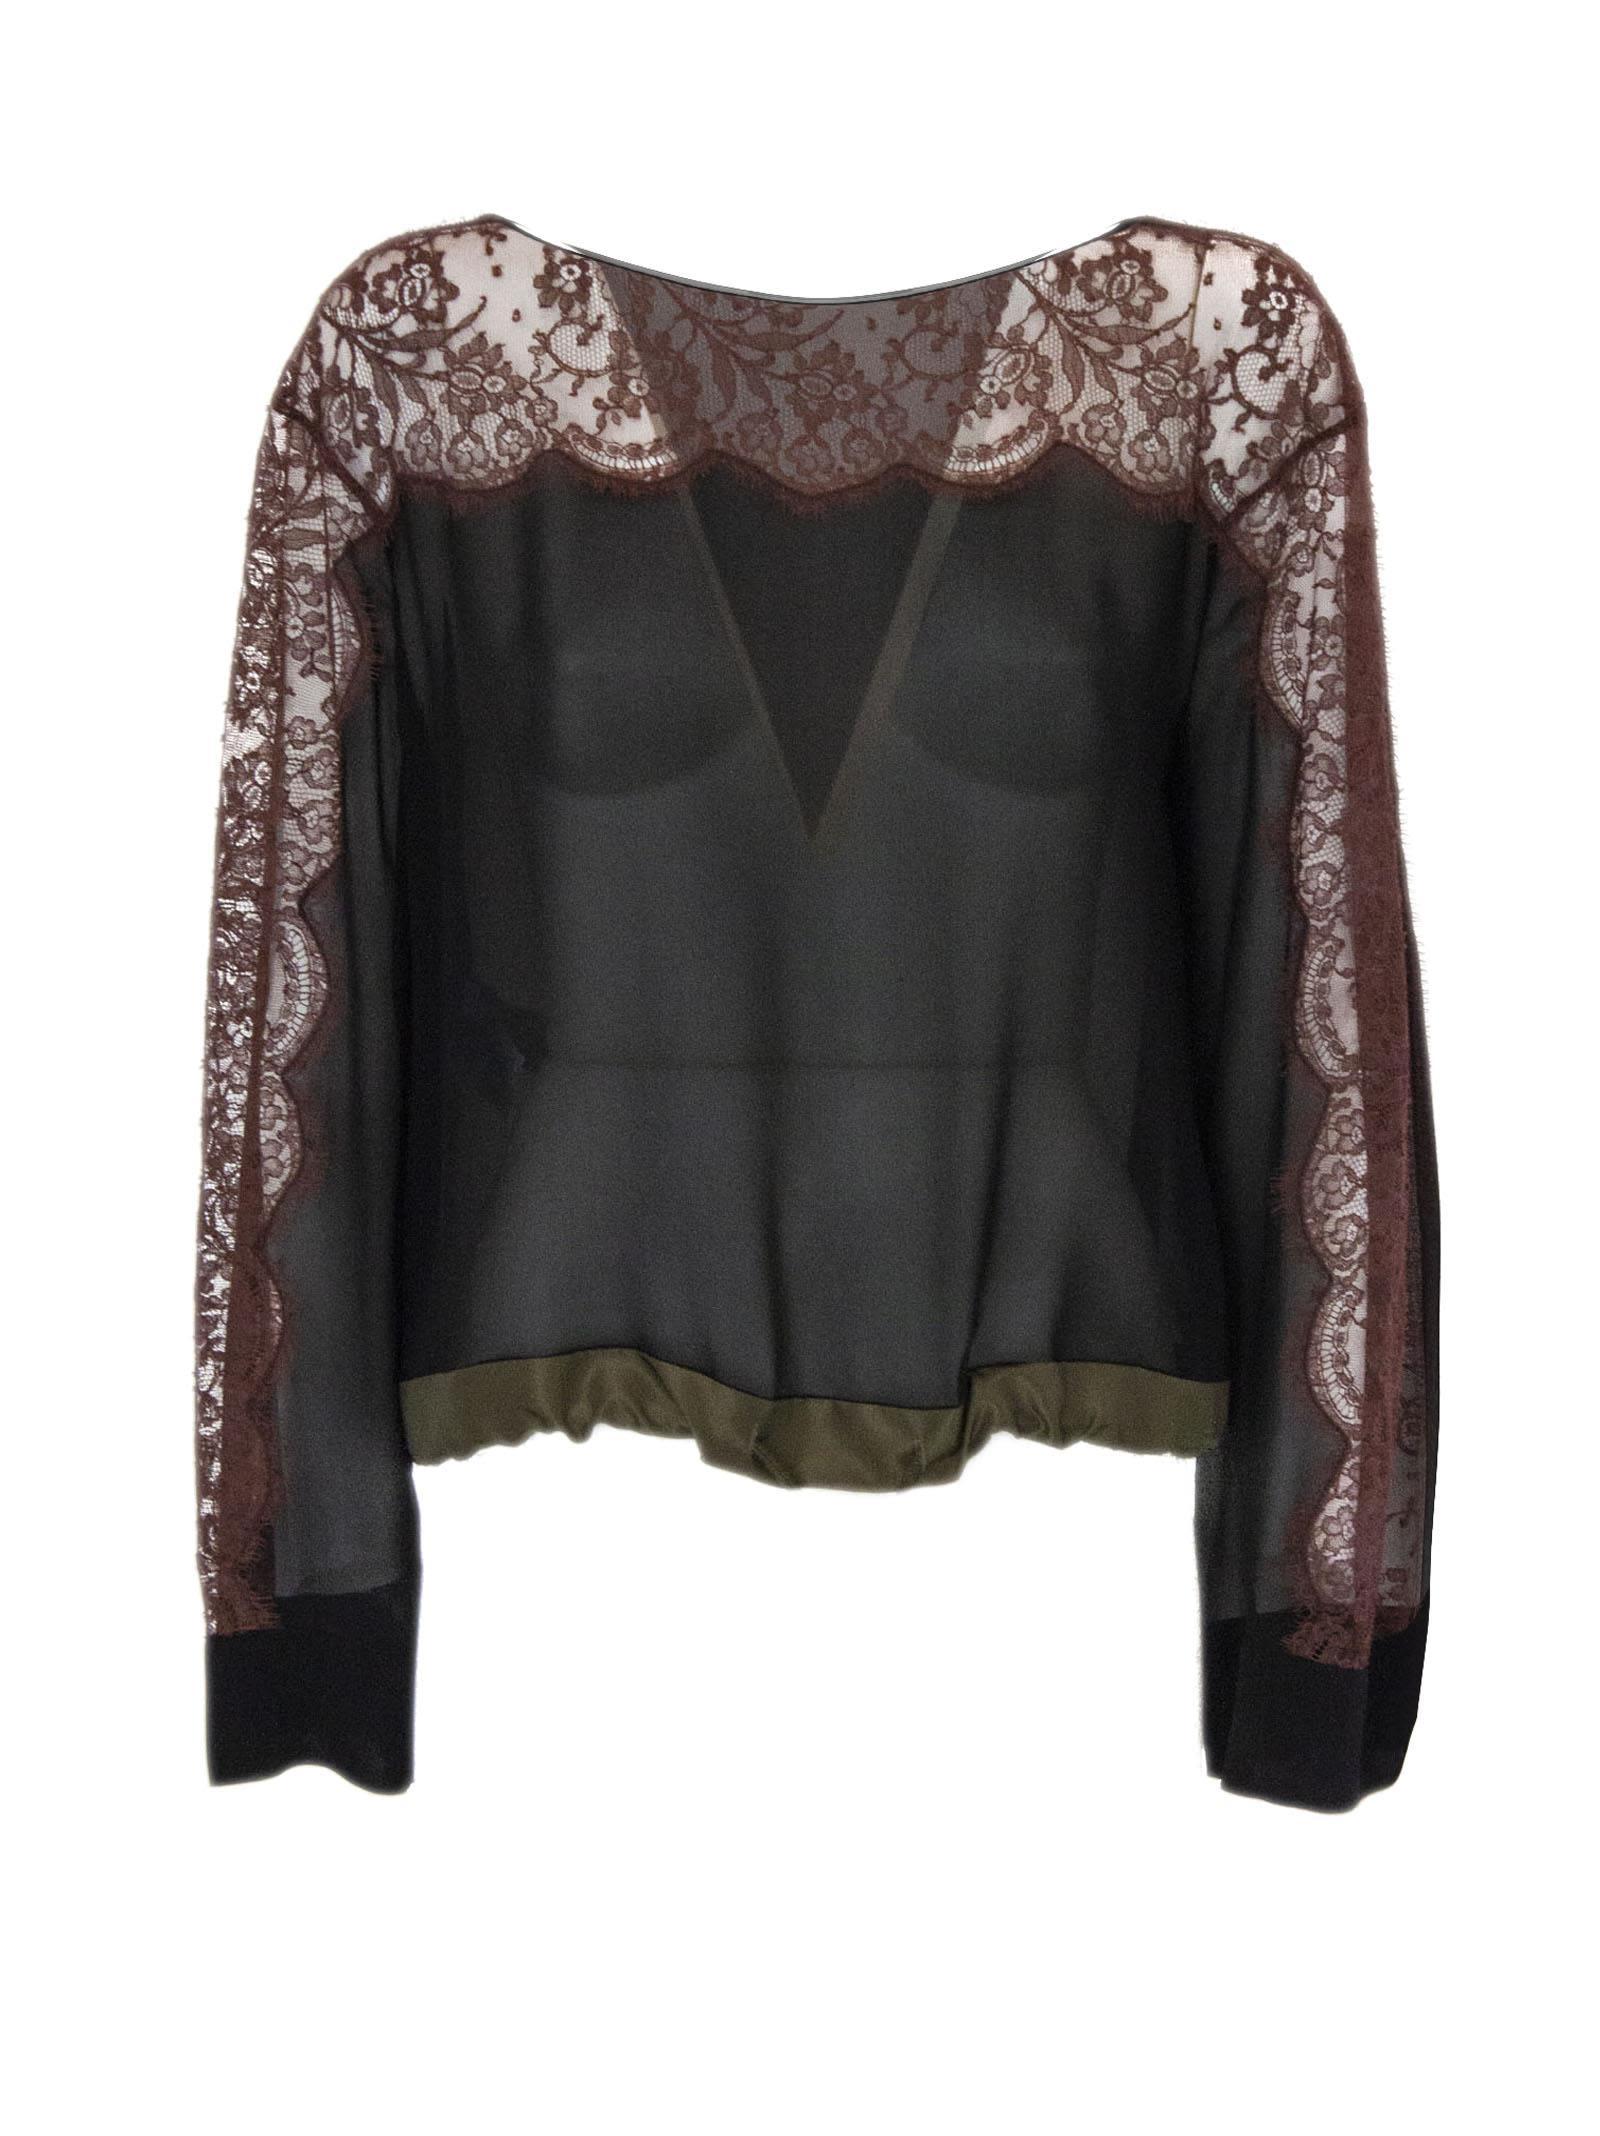 Alberta Ferretti Blouse In Black And Brown Silk